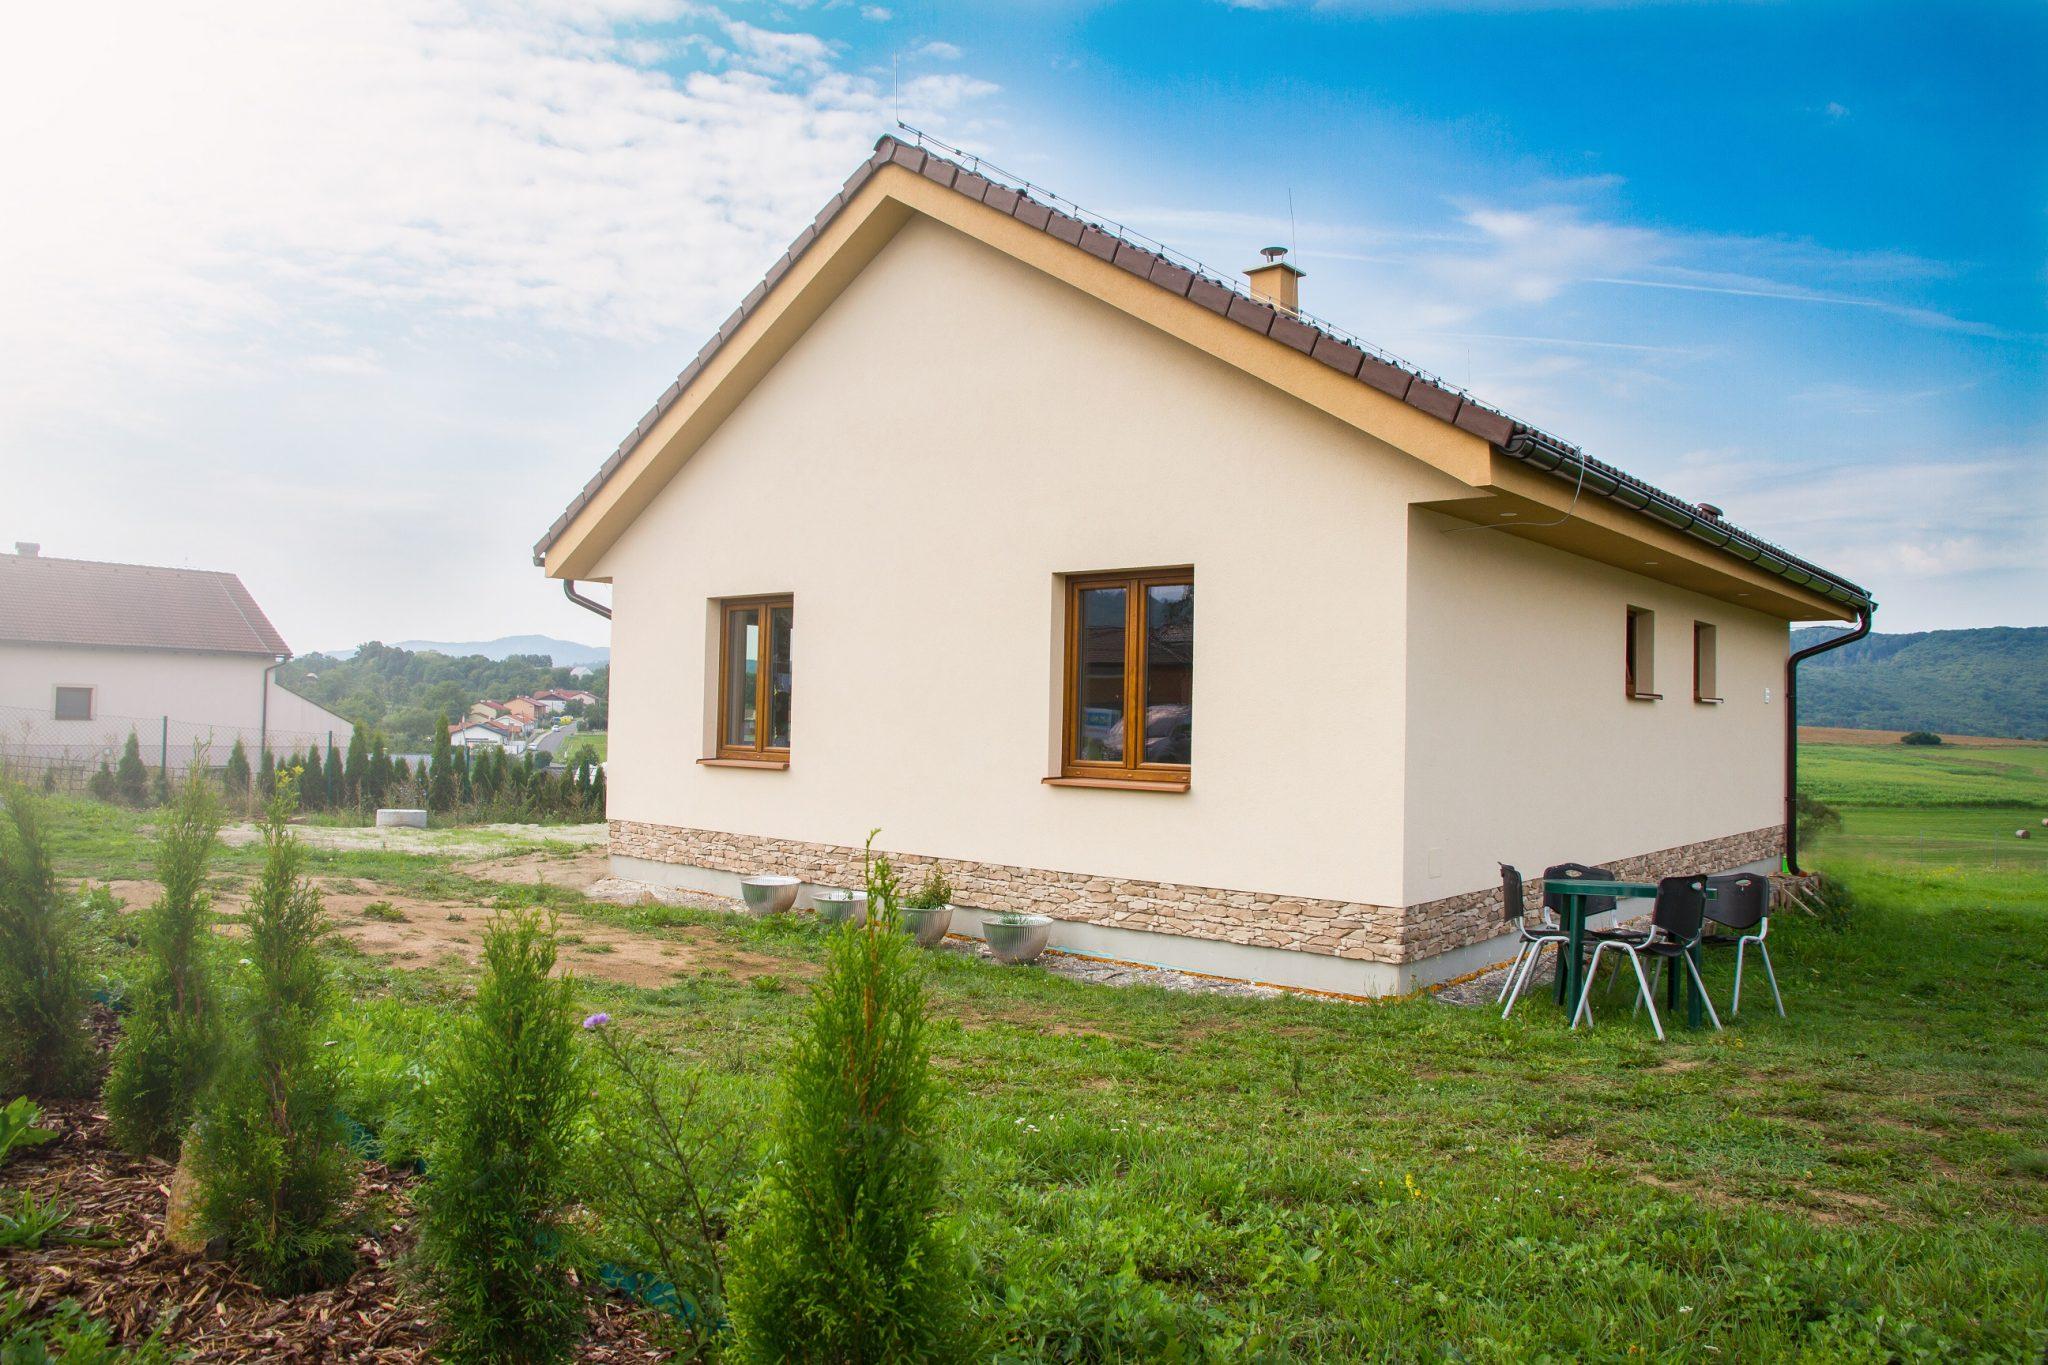 Moderný 3 izbový bungalov | woodhouse.sk